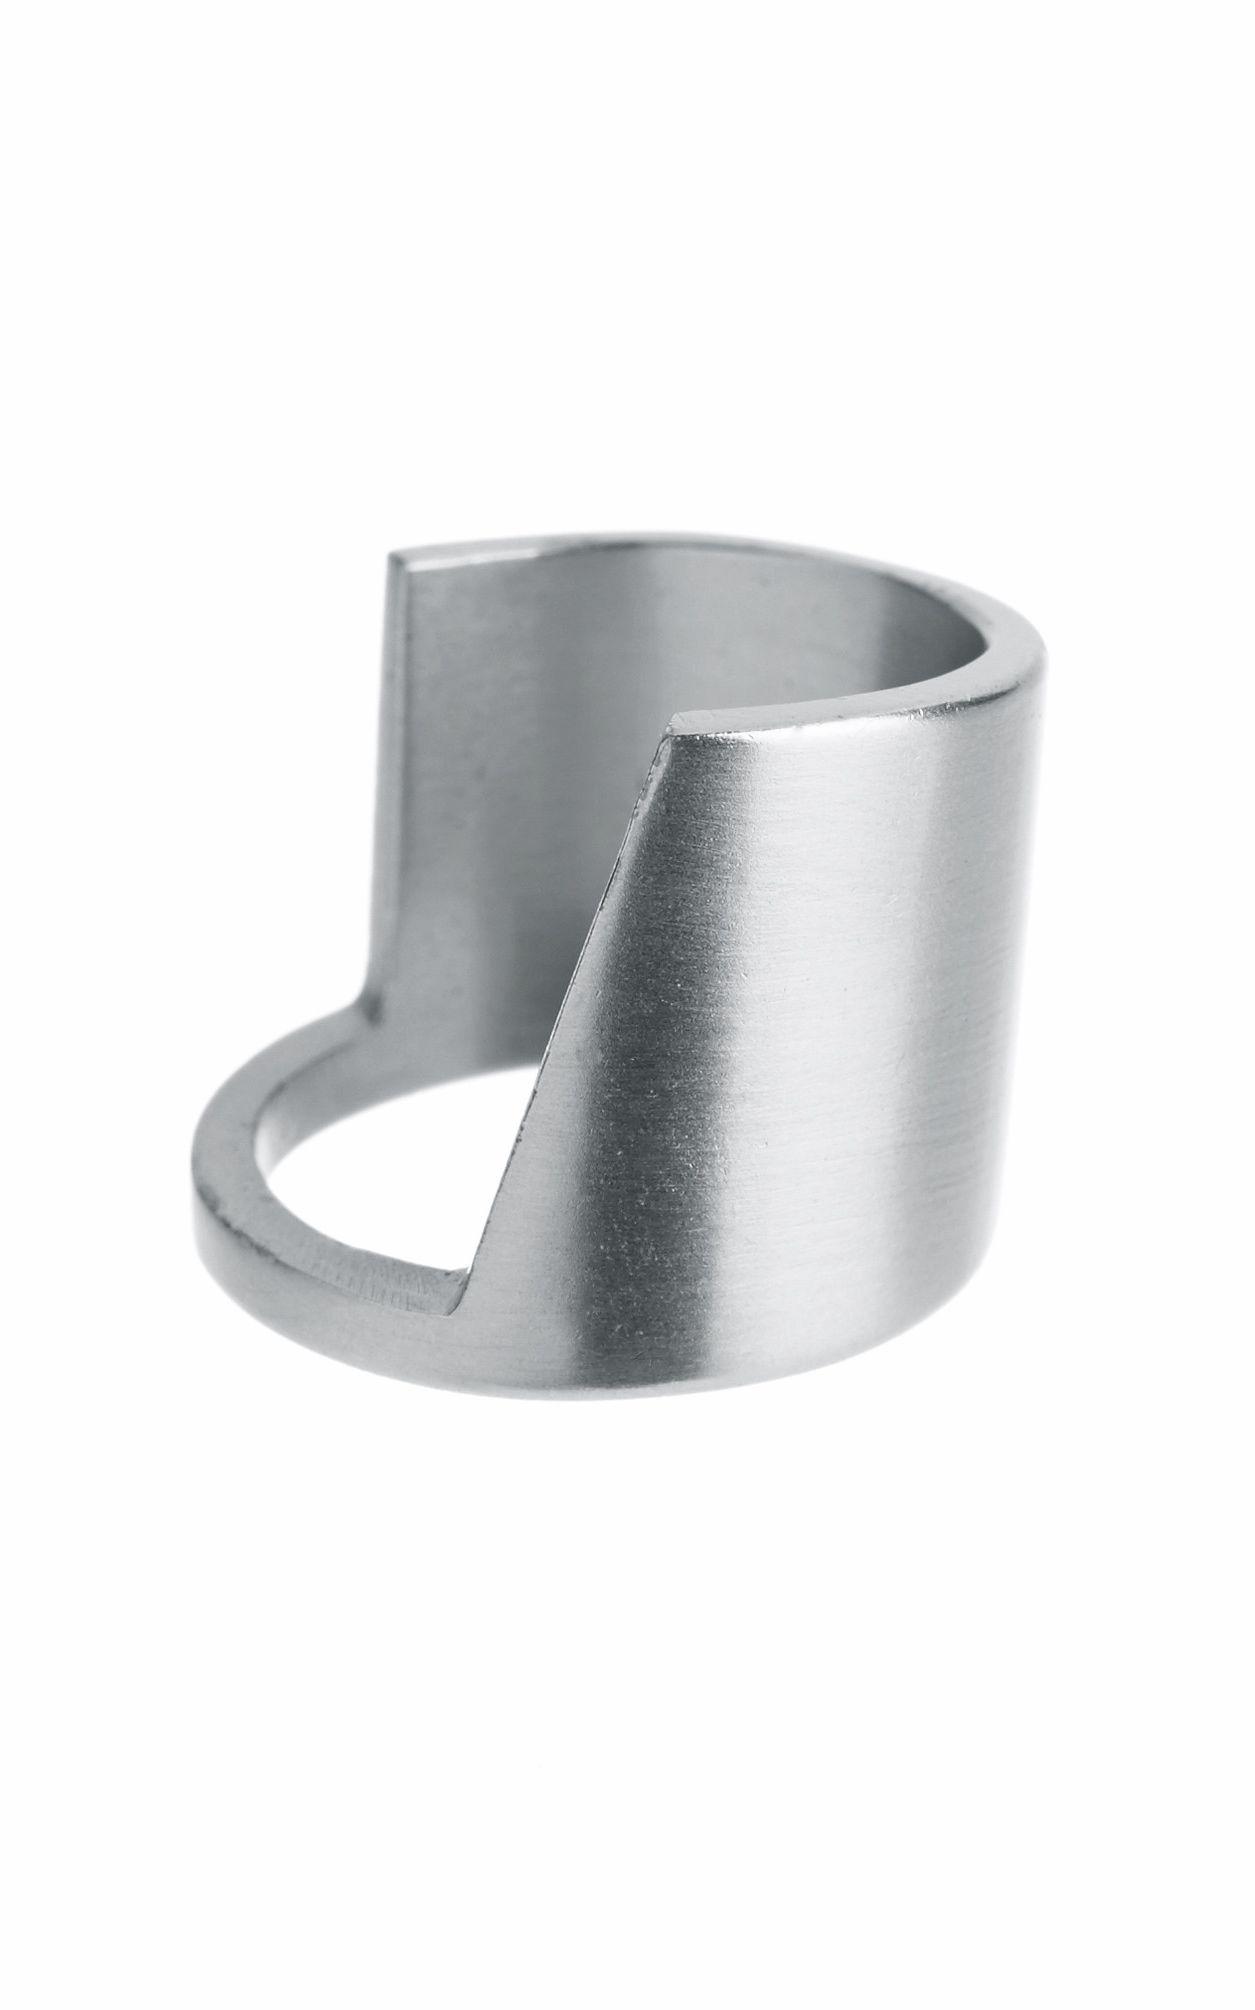 MyBelonging x LZZR-USA Jewelry | Identity ring